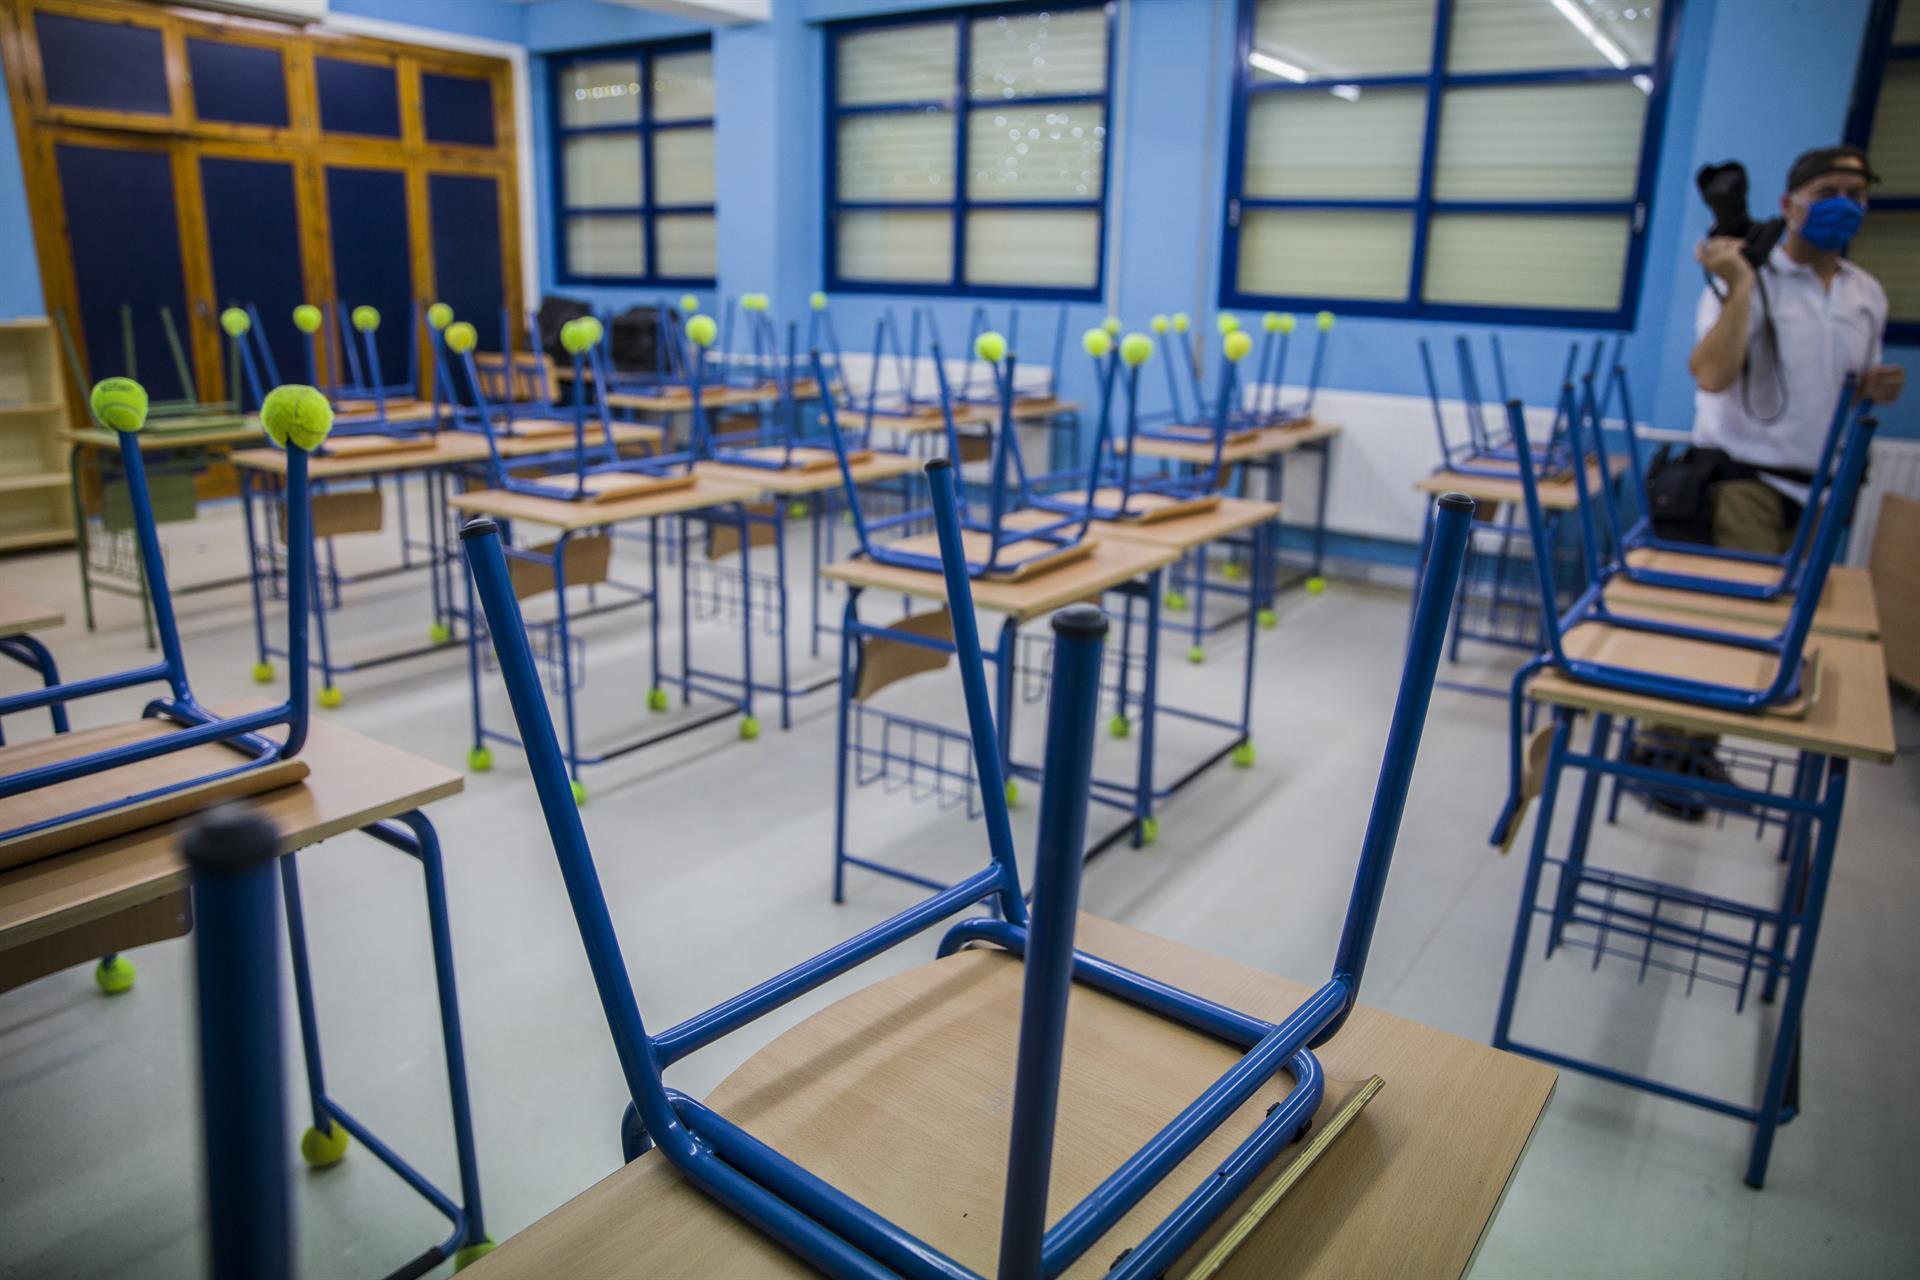 CGT exige que se refuercen las medidas en centros educativos de las localidades con cierre perimetral